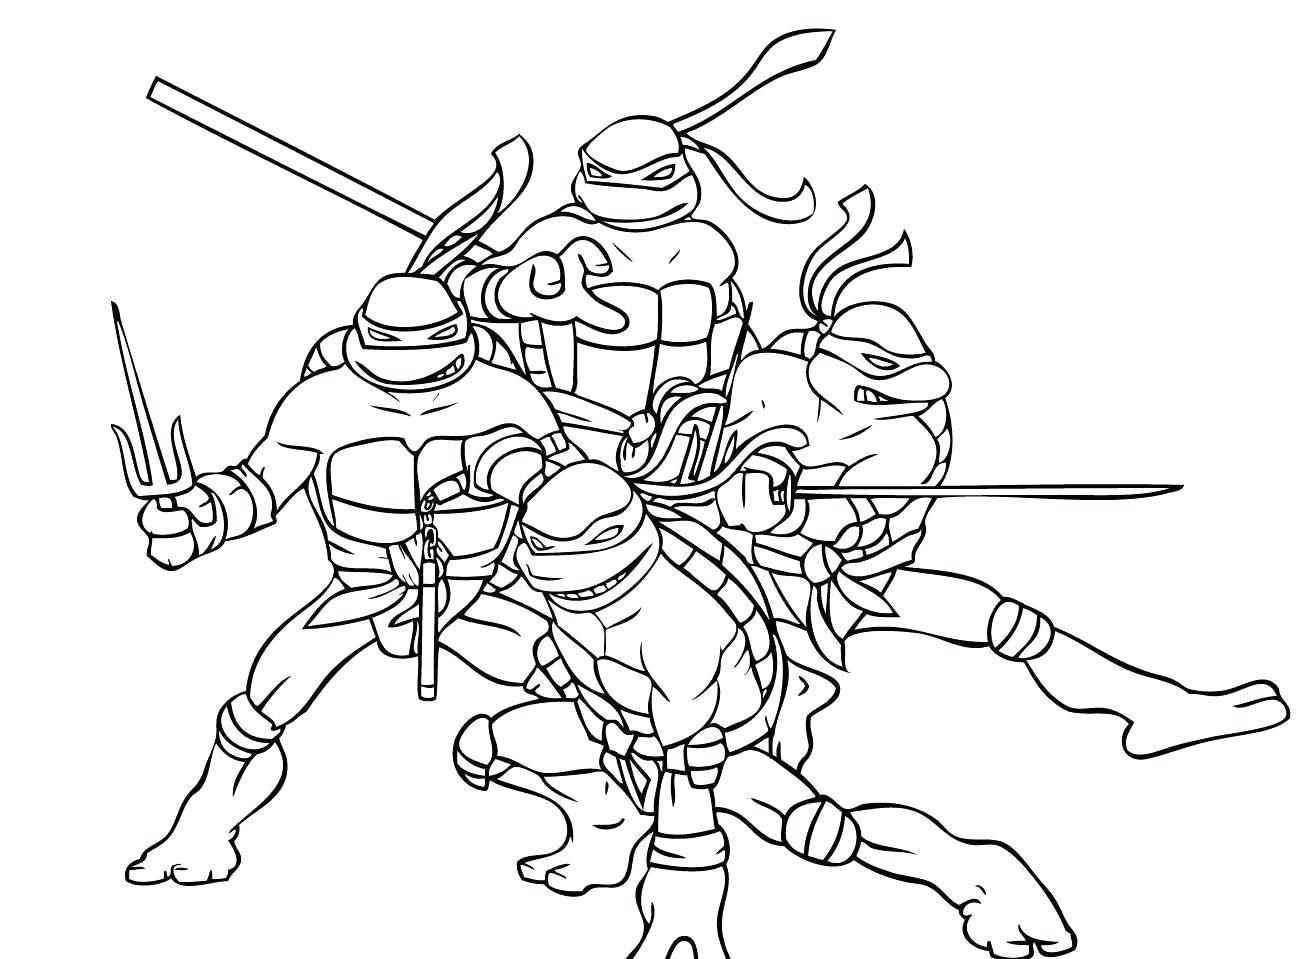 Tuyển tập các bức tranh tô màu Ninja rùa cho bé